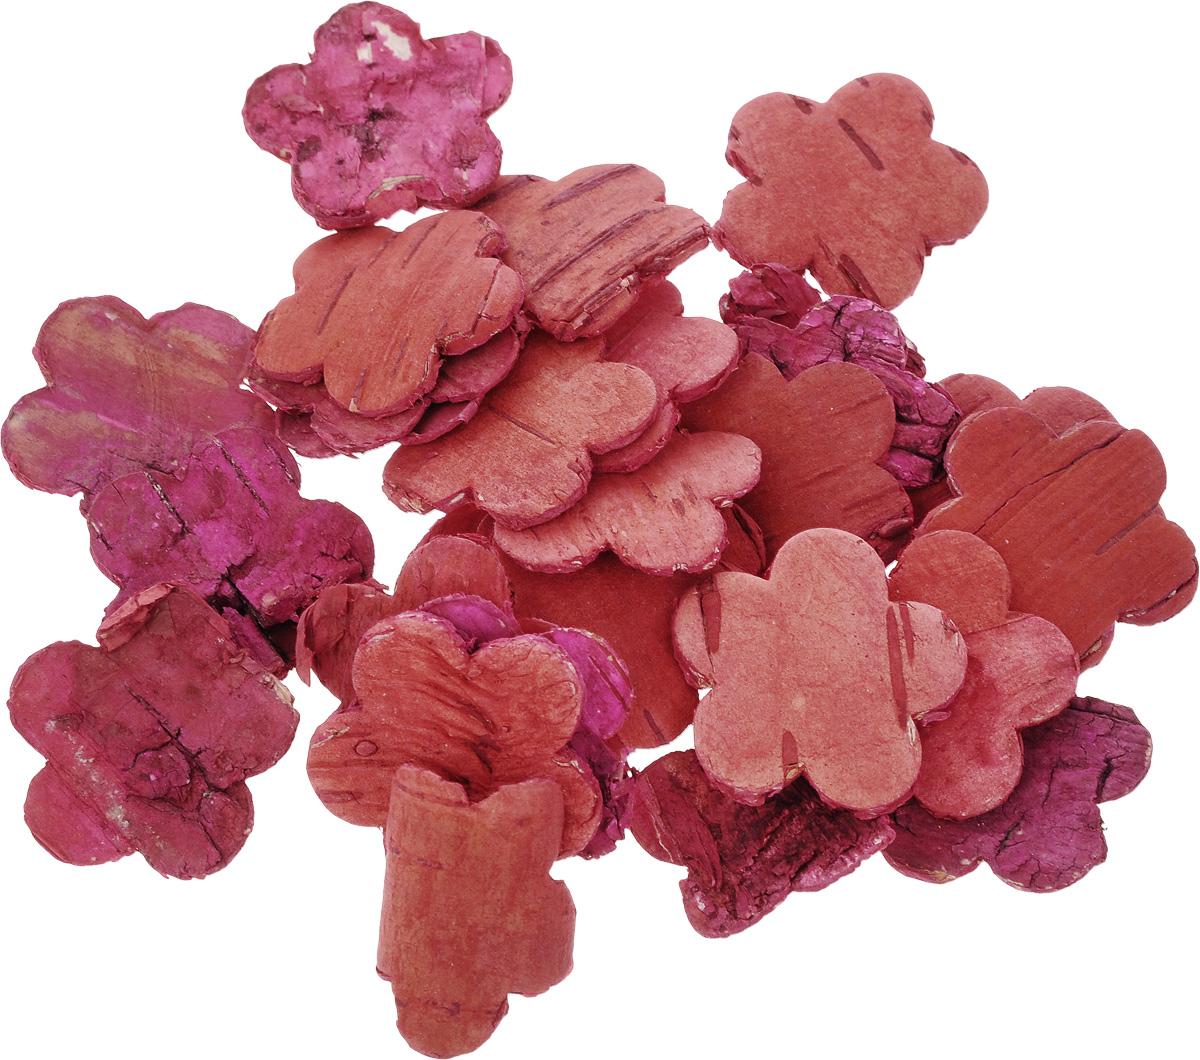 Декоративный элемент Dongjiang Art Цветок, цвет: красный, 30 шт7709008_красныйДекоративный элемент Dongjiang Art Цветок, изготовленный из натуральной коры дерева, предназначен для украшения цветочных композиций. Изделие, выполненное в виде цветка, можно также использовать в технике скрапбукинг и многом другом. Флористика - вид декоративно-прикладного искусства, который использует живые, засушенные или консервированные природные материалы для создания флористических работ. Это целый мир, в котором есть место и строгому математическому расчету, и вдохновению. Размер элемента: 3 х 3 см.